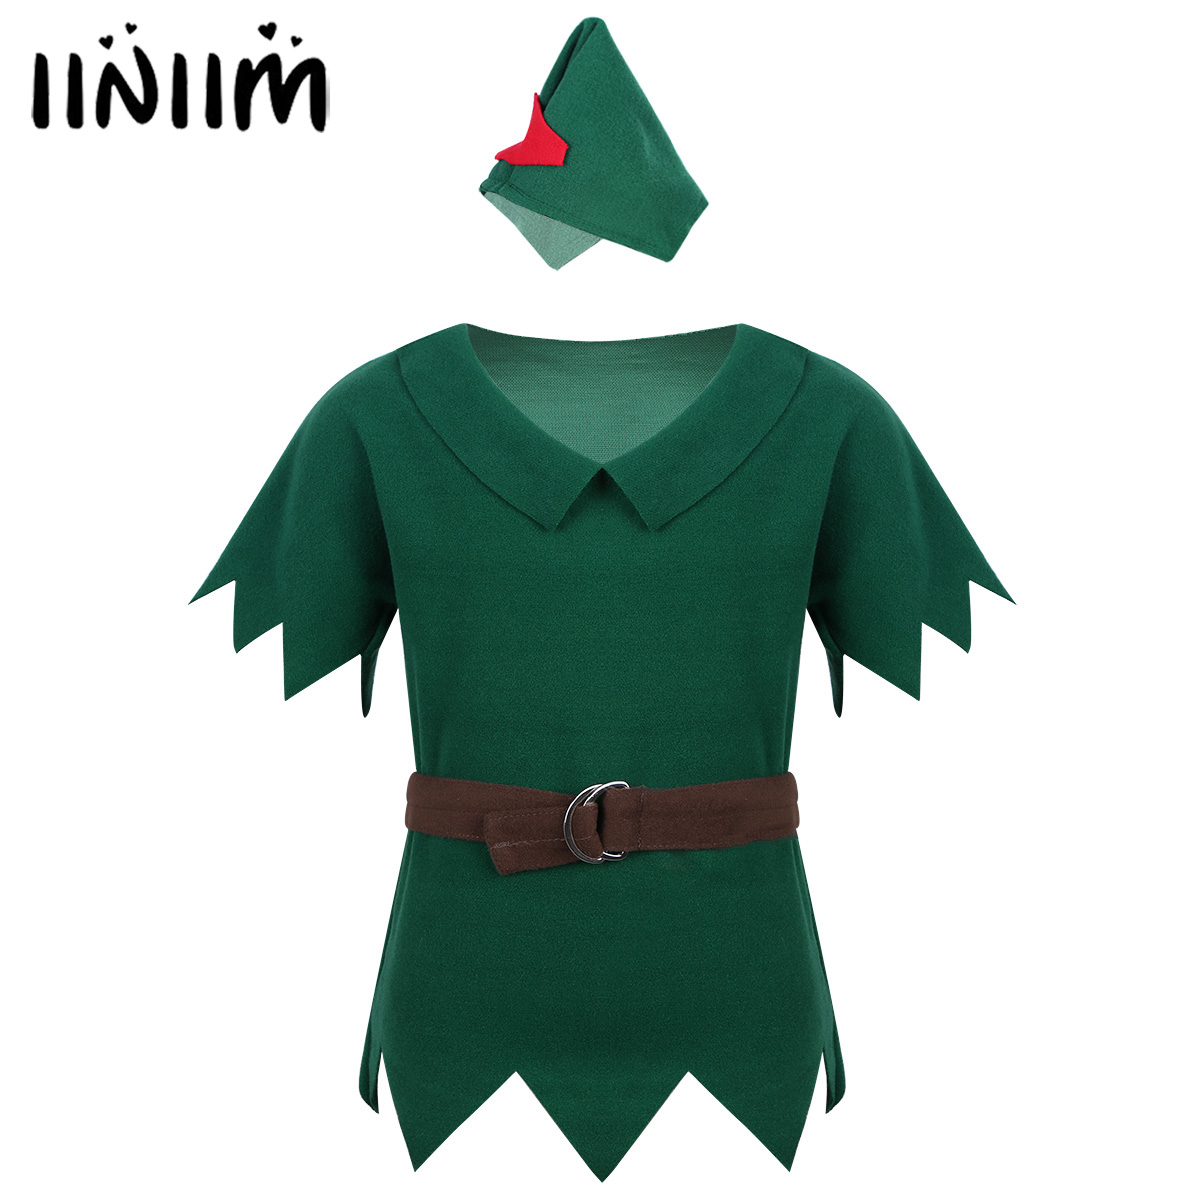 Bambini Vesti per Ragazzi Robin Hood Costumi Vestito T Shirt con Cintura Cappello di Halloween del Partito di Cosplay del Ragazzo per Fancy Carnevale Dress Up su iiniim Official Store